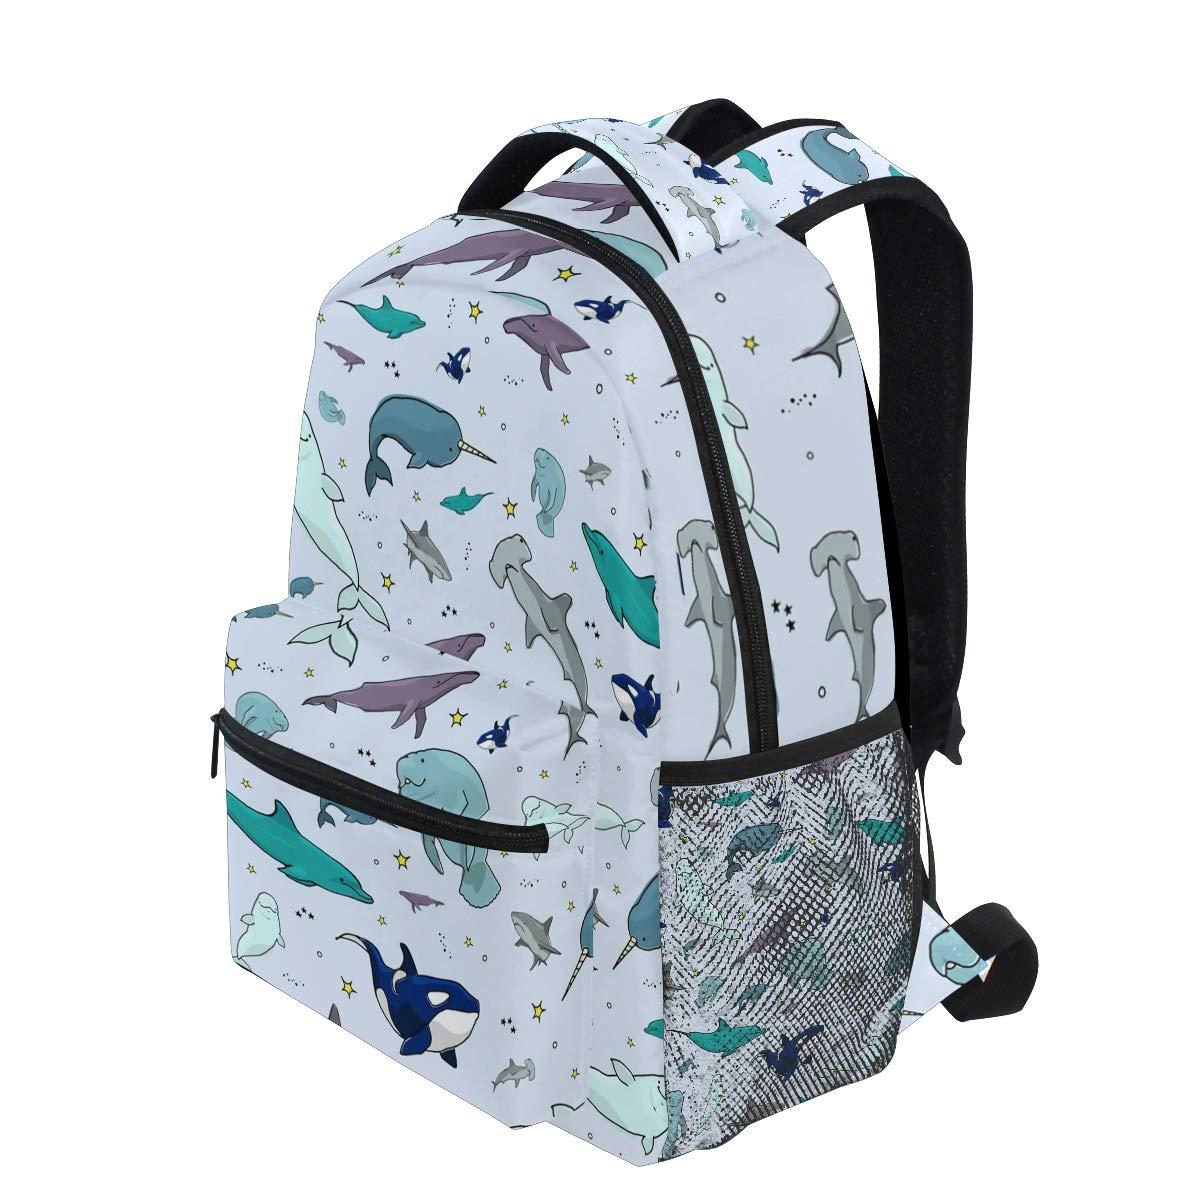 Amazon.com: Mochila de viaje con diseño de animales del ...